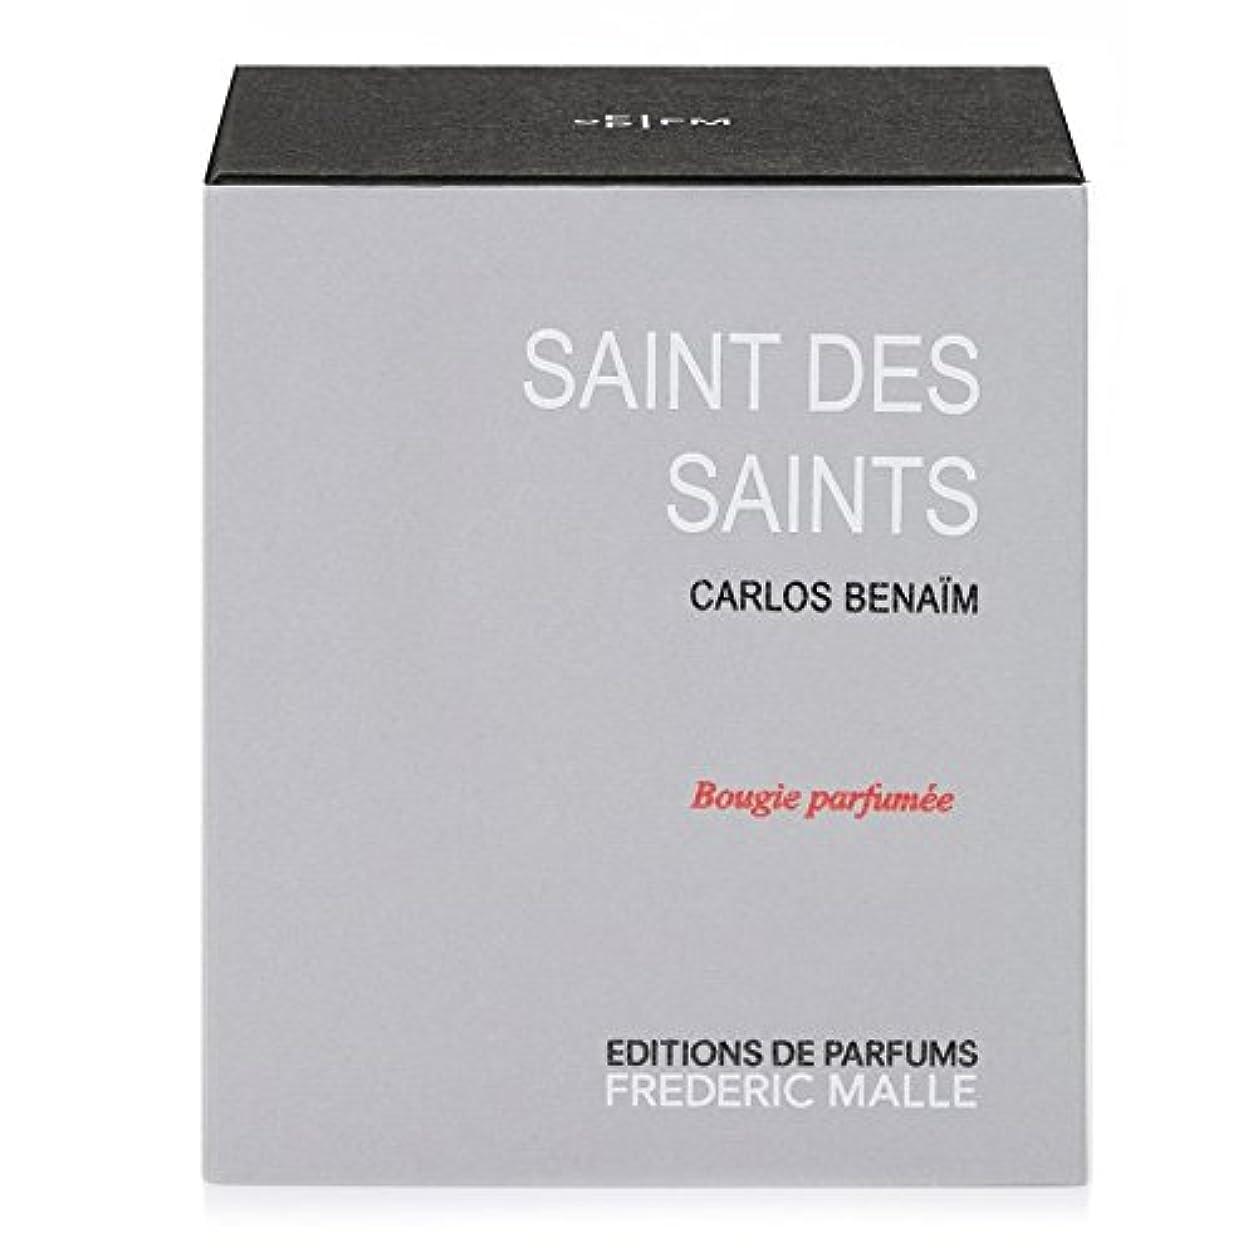 宿る世界に死んだフロントFrederic Malle Saint Des Saints Scented Candle 220g (Pack of 4) - フレデリック?マル聖人デ聖人の香りのキャンドル220グラム x4 [並行輸入品]